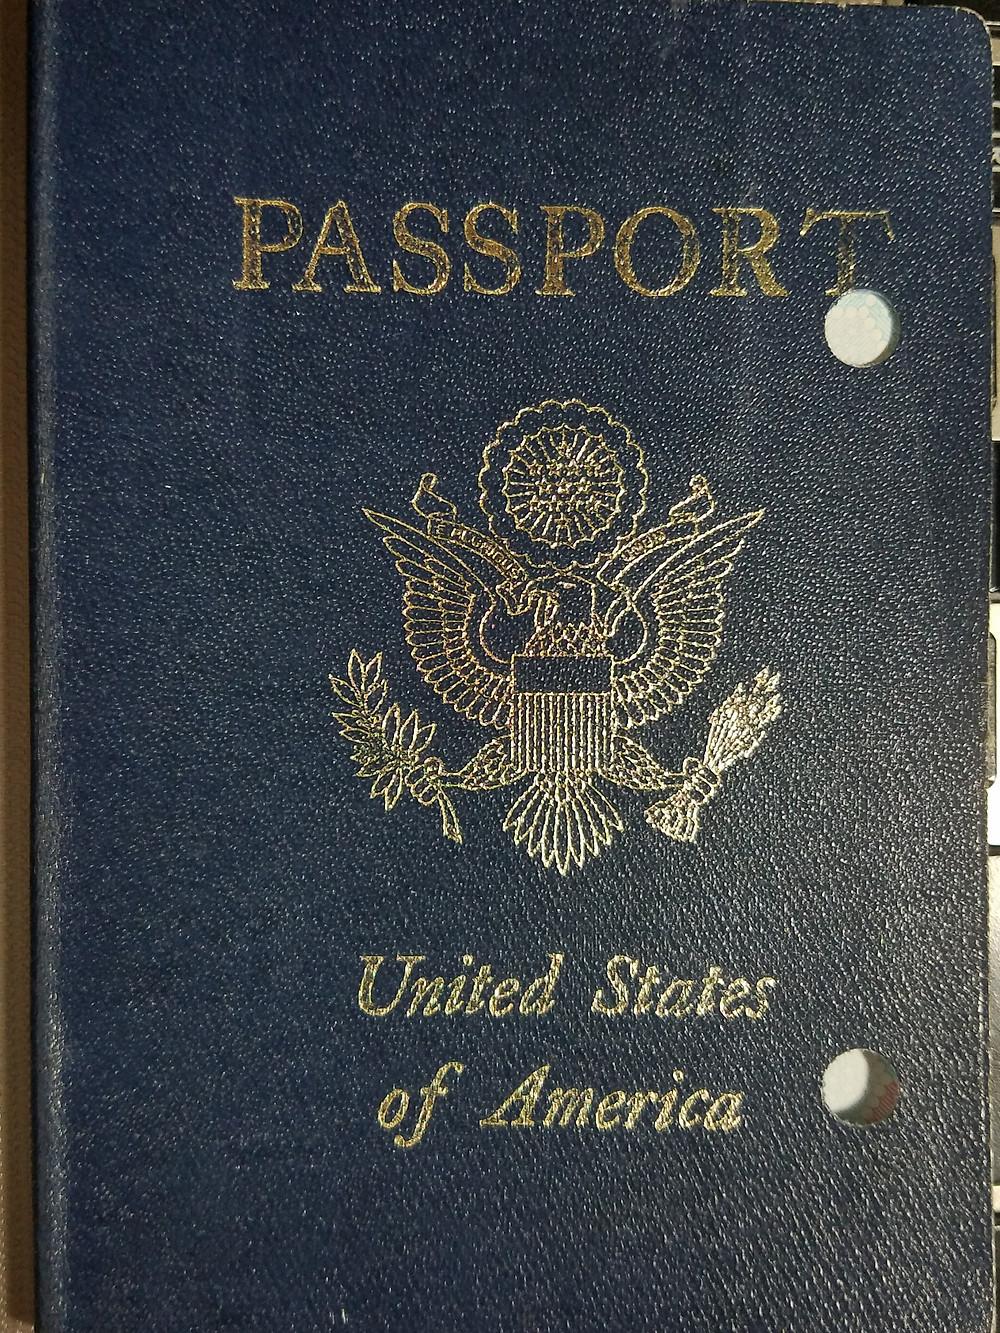 Help!  My Passport's Been Stolen!